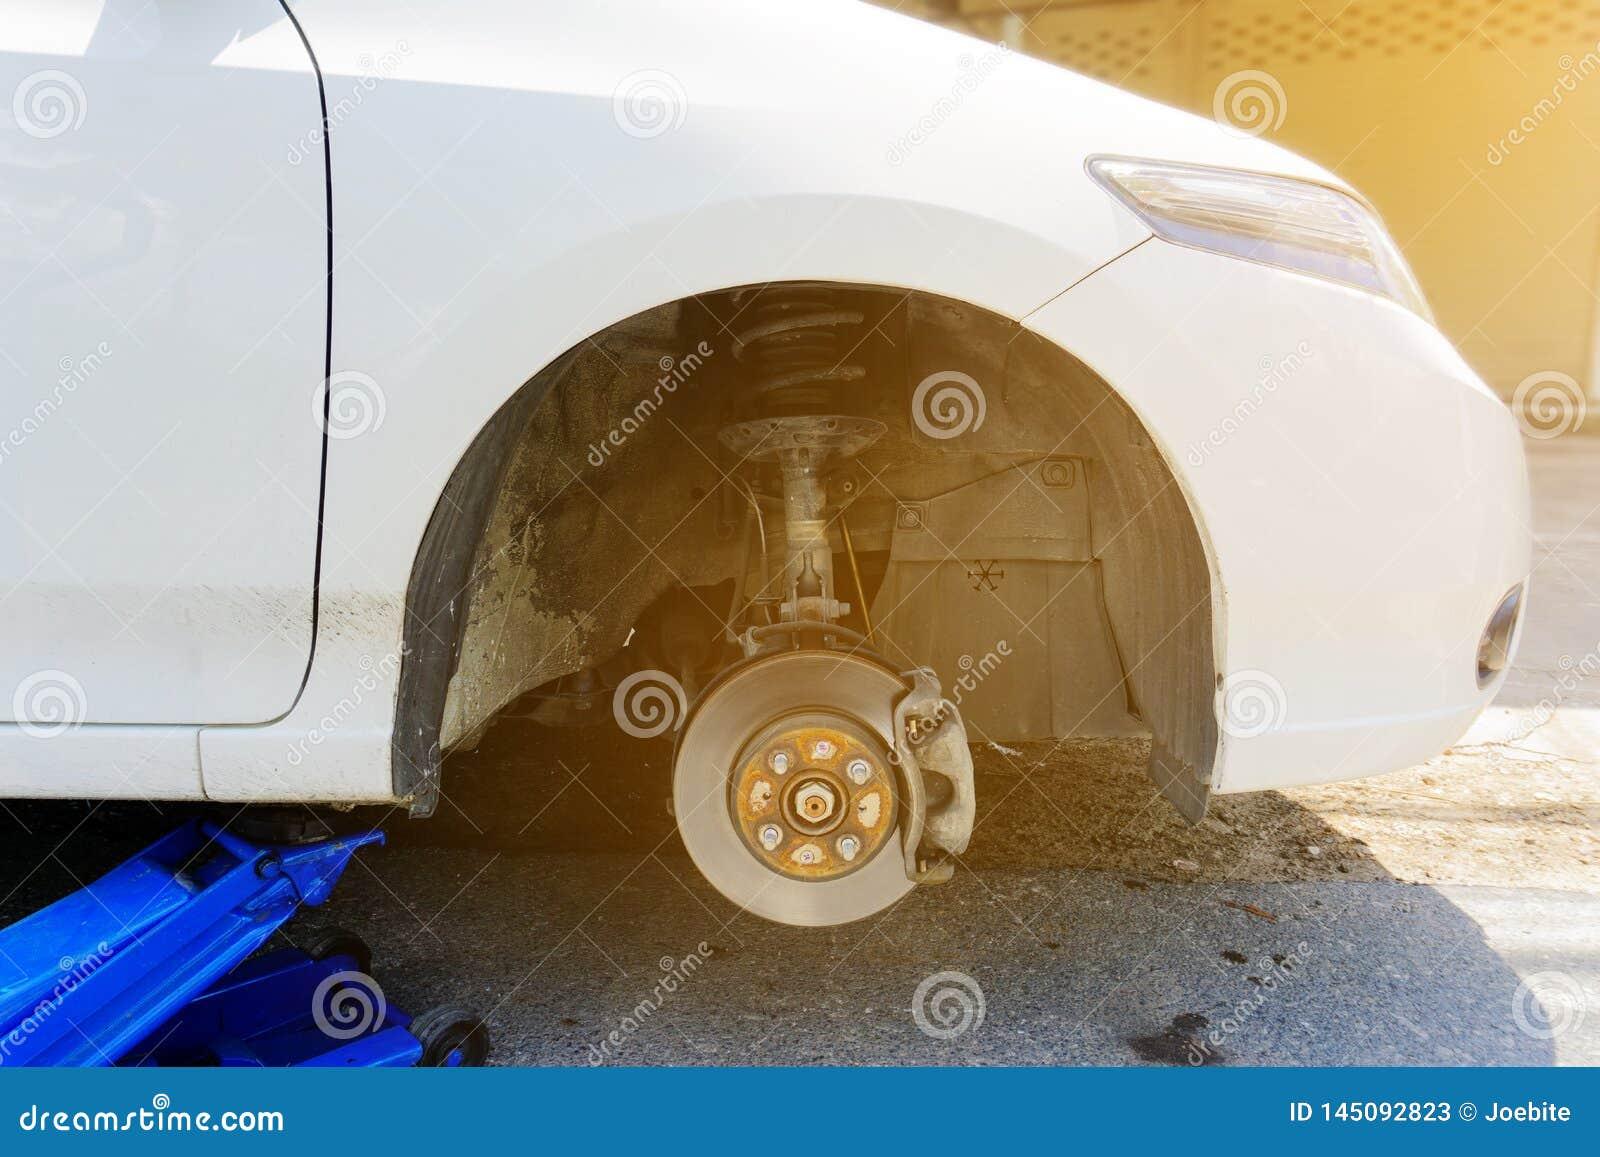 Voitures hydrauliques bleues d ascenseur de crics de plancher de voiture pour changer des pneus crevés sur la route Clé de roue